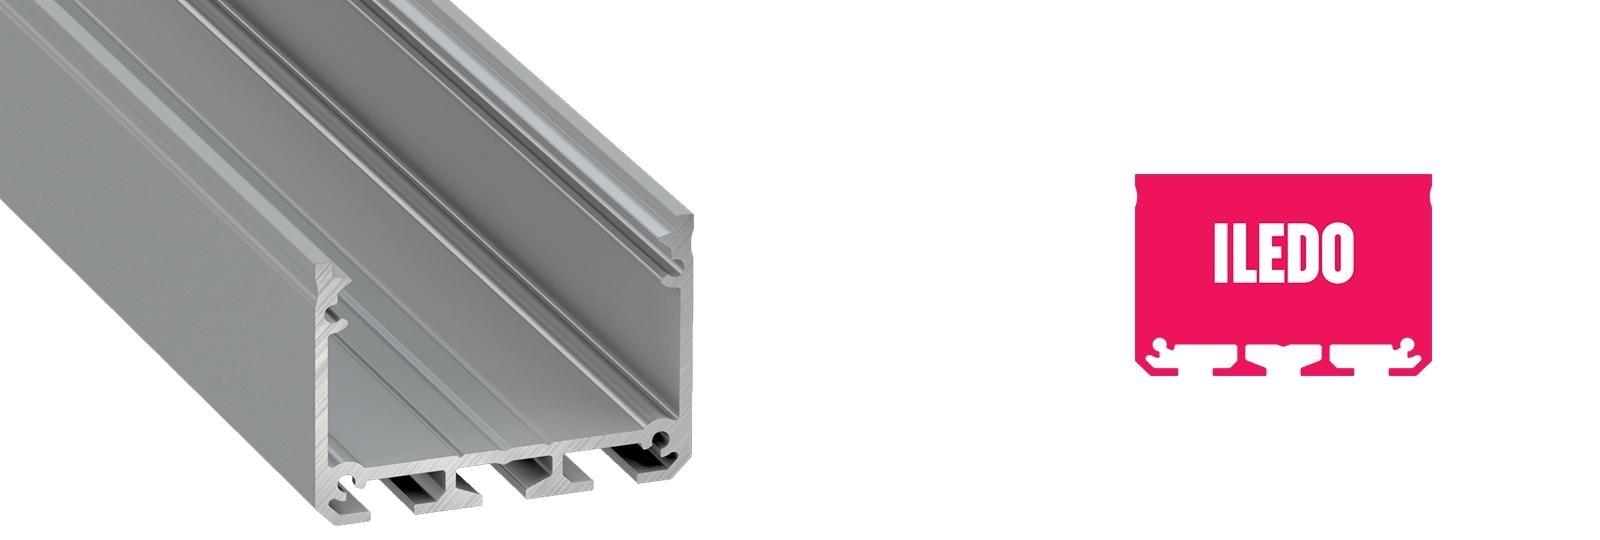 Profil LED natynkowy Iledo